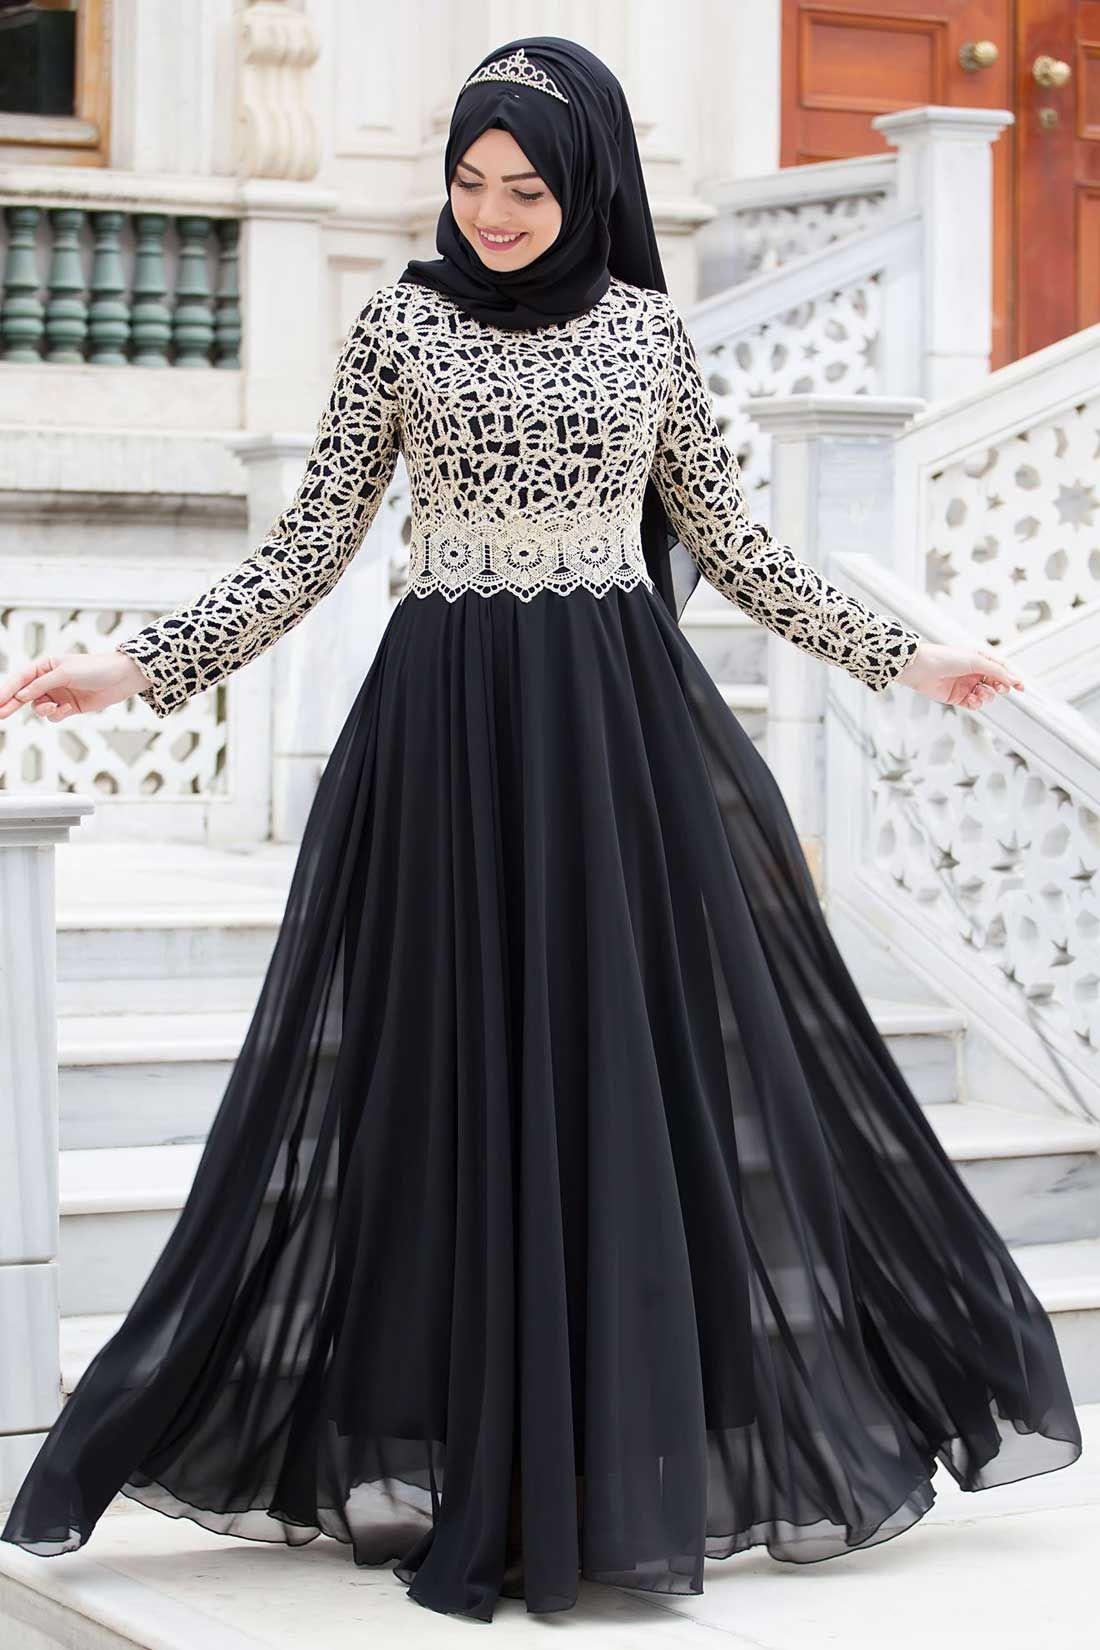 8727bb1b6fc80 Tesettür Elbise Abiye özel tasarımlı el işi otantik ve Bayan Tesettür  Elbise abiye etnik esintiler de